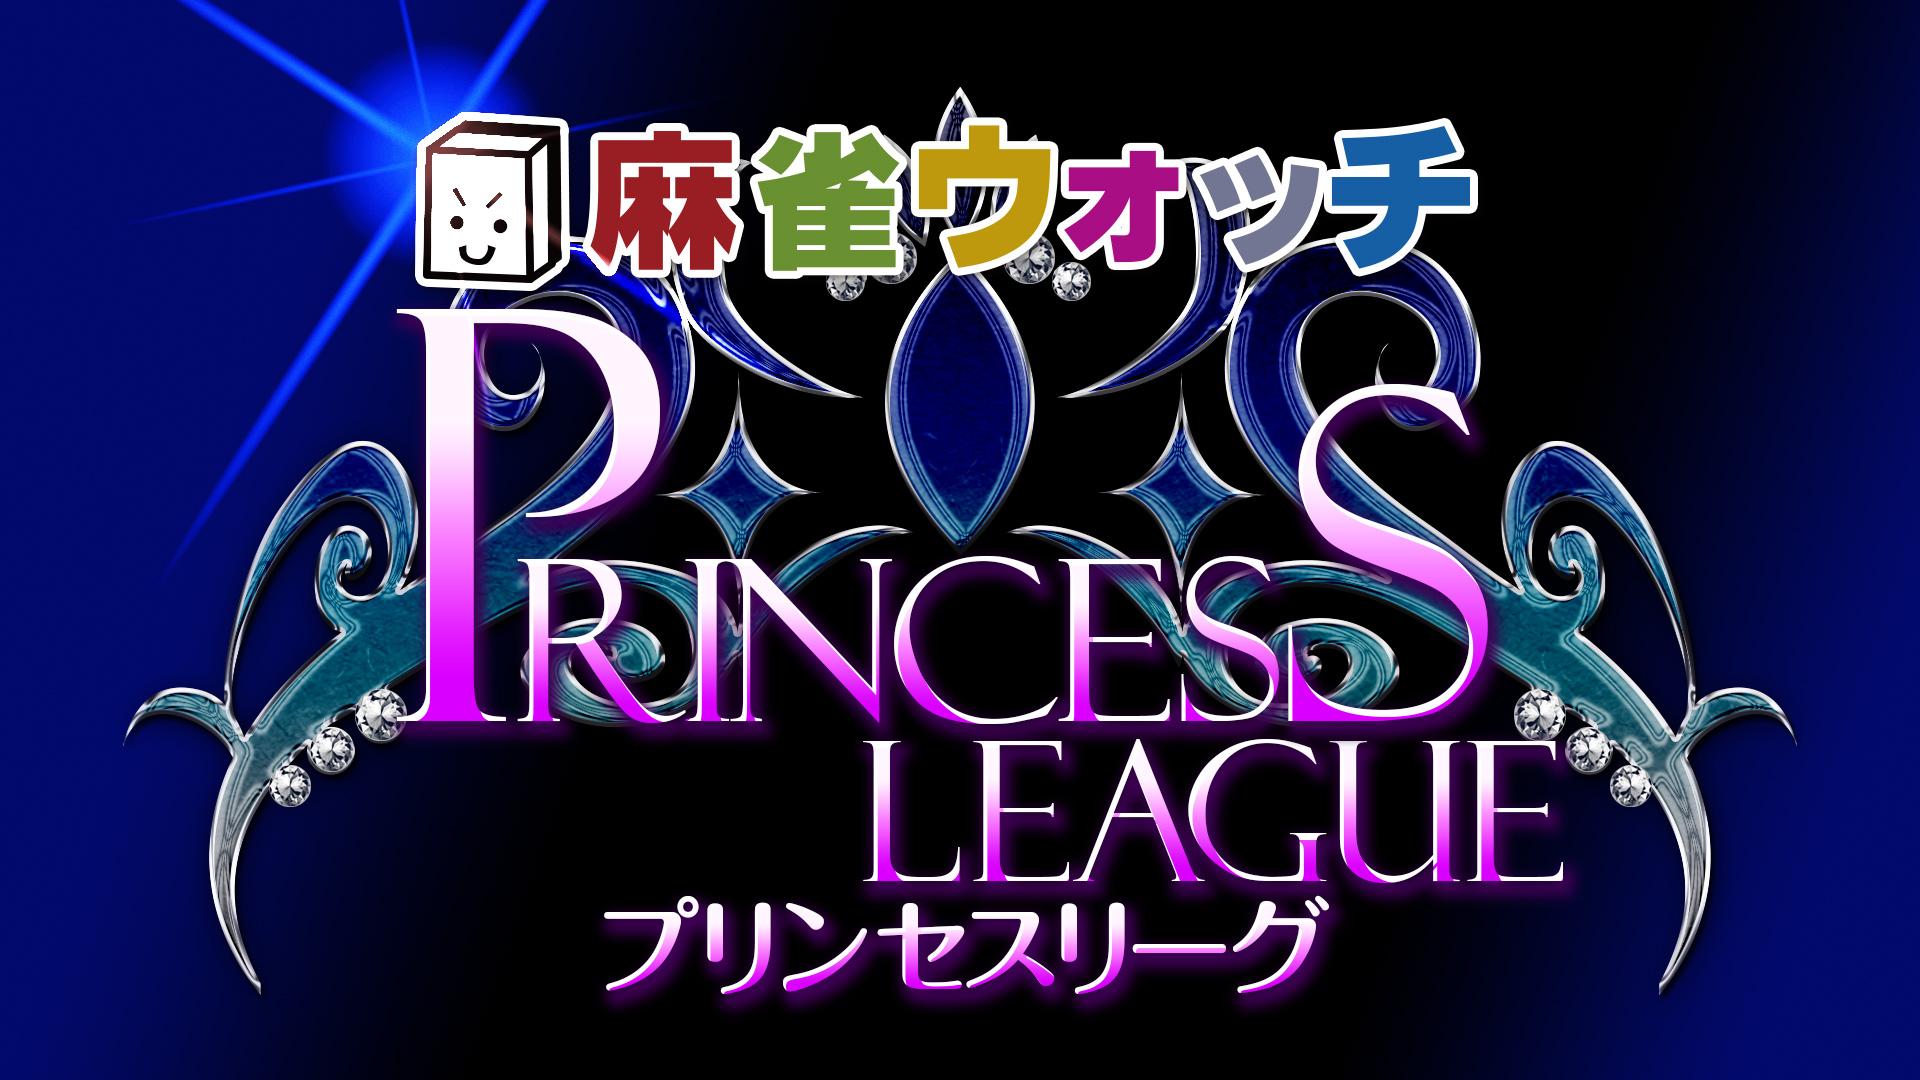 【ロゴ】プリンセス